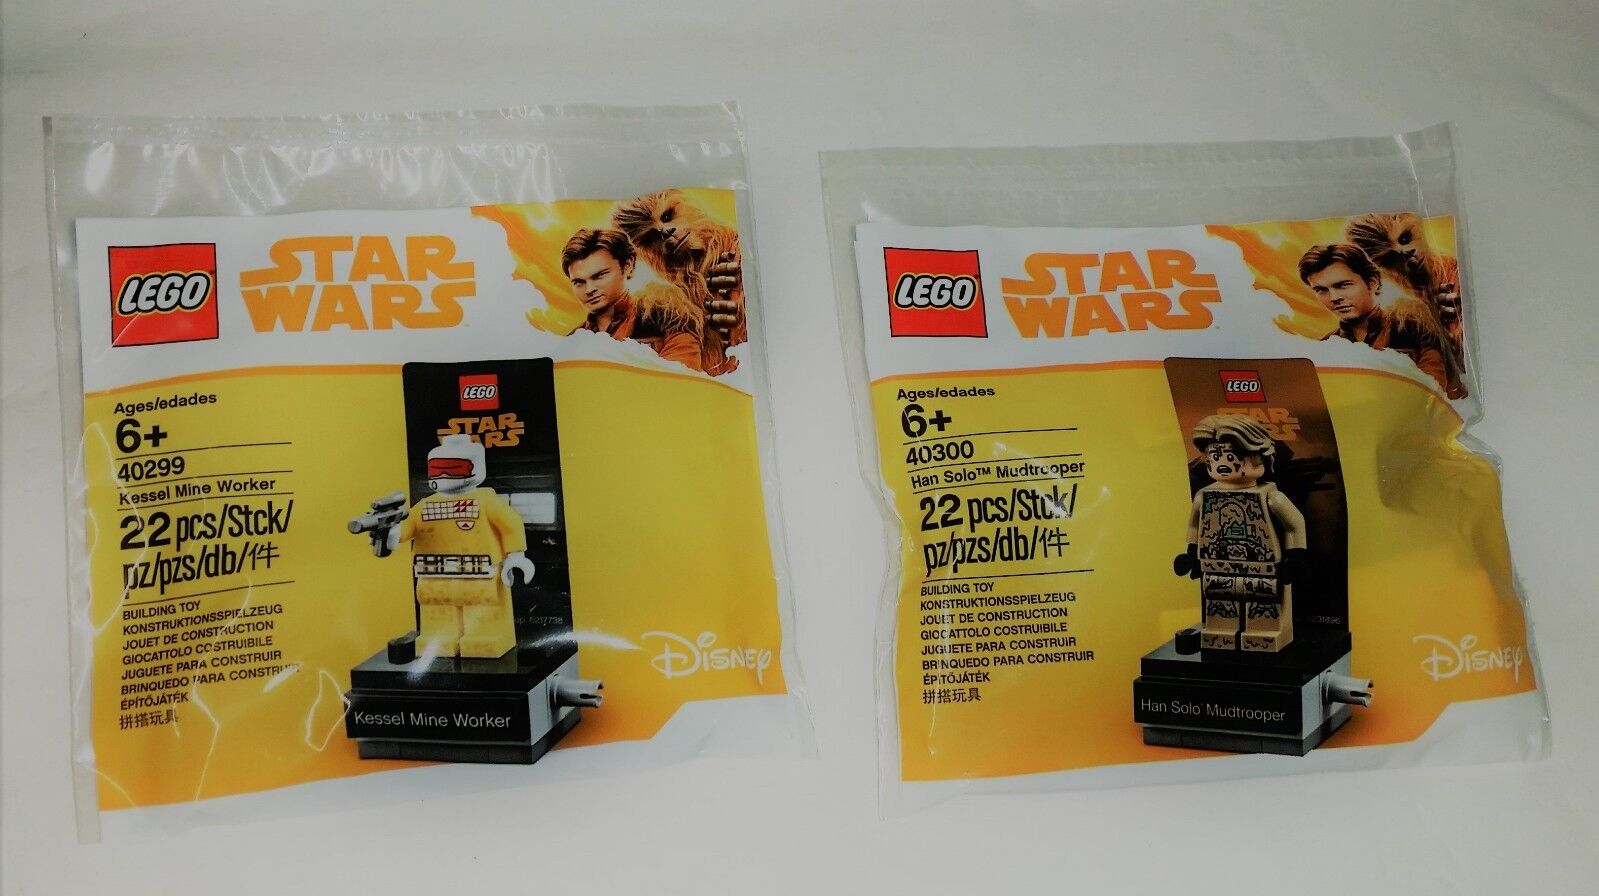 Lego Star Star Star Wars Poliestere 40300 Ian solo ™ Mudtrooper + 40299 Kessel Miniera c5c1b7